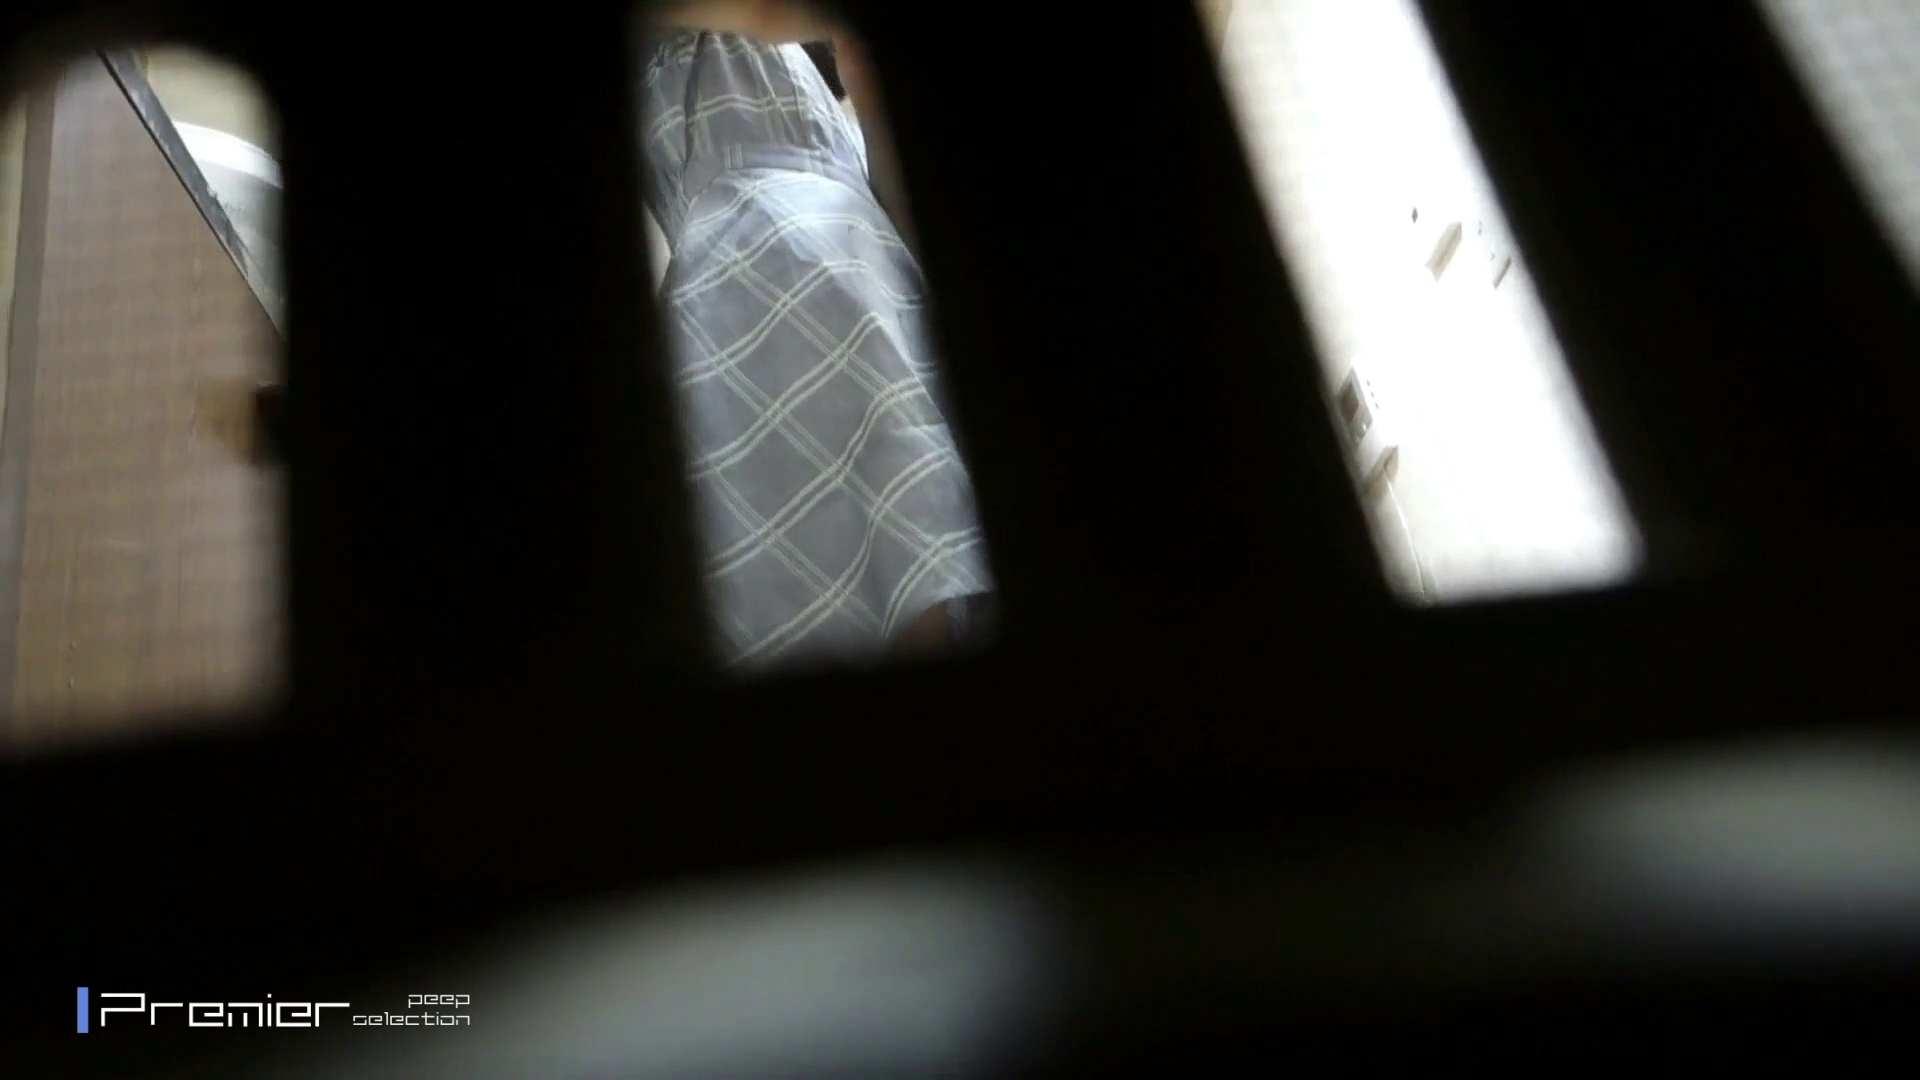 再生38分!マン毛剛毛超絶美女の私生活 美女達の私生活に潜入! 潜入エロ調査 | 高画質  78連発 75